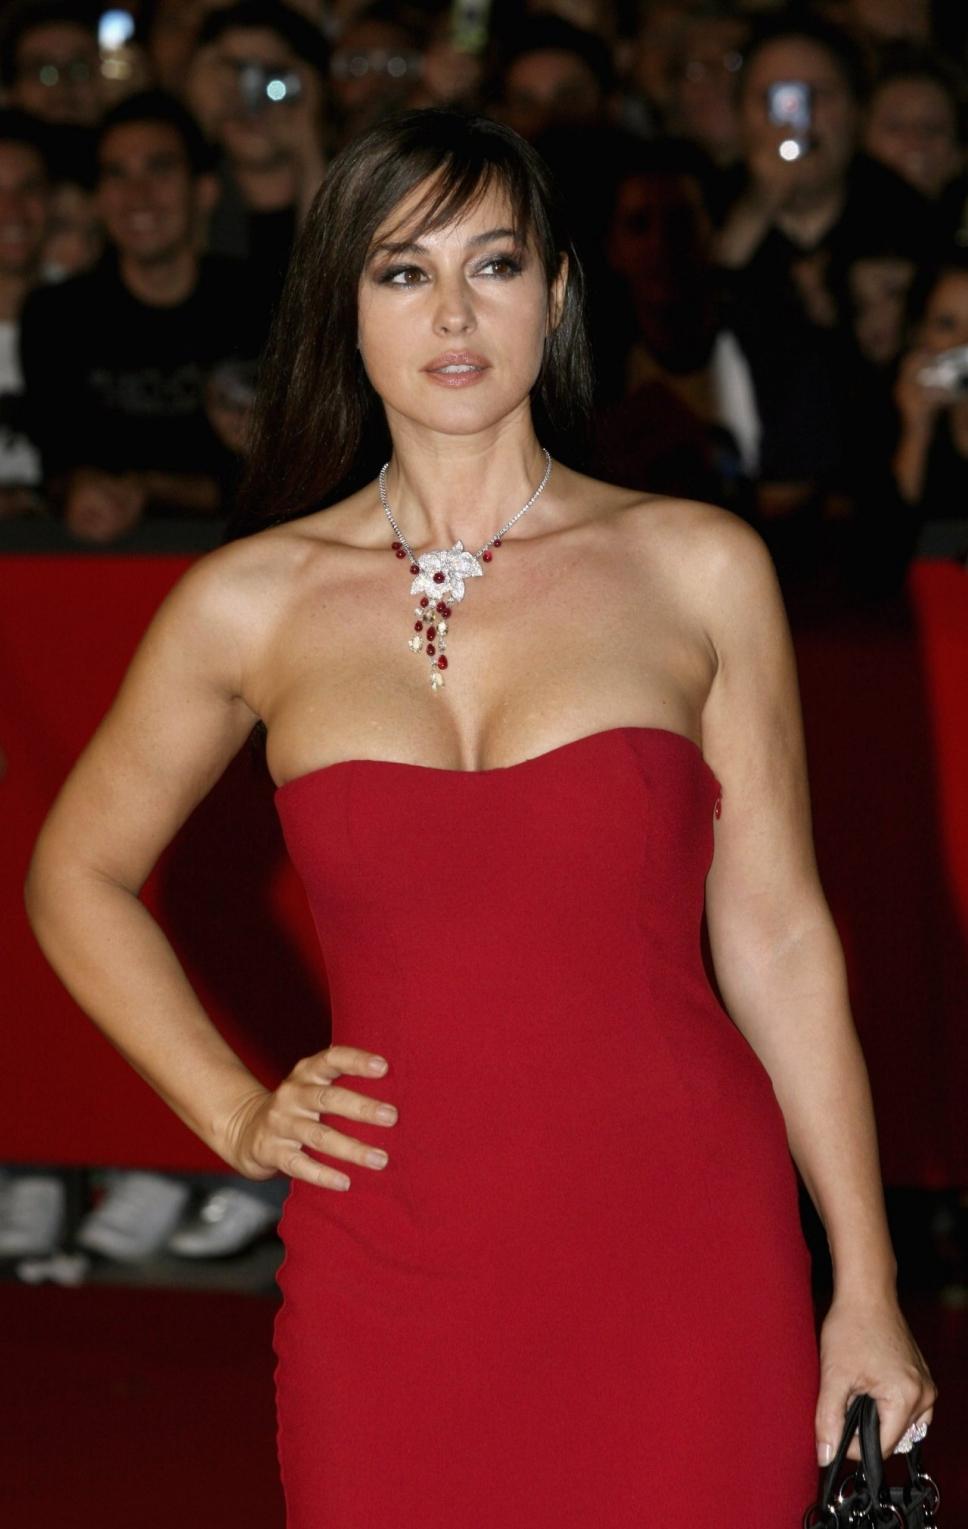 Знаменитости в красных платьях. Фото подборка | Женский ... жизель бюндхен